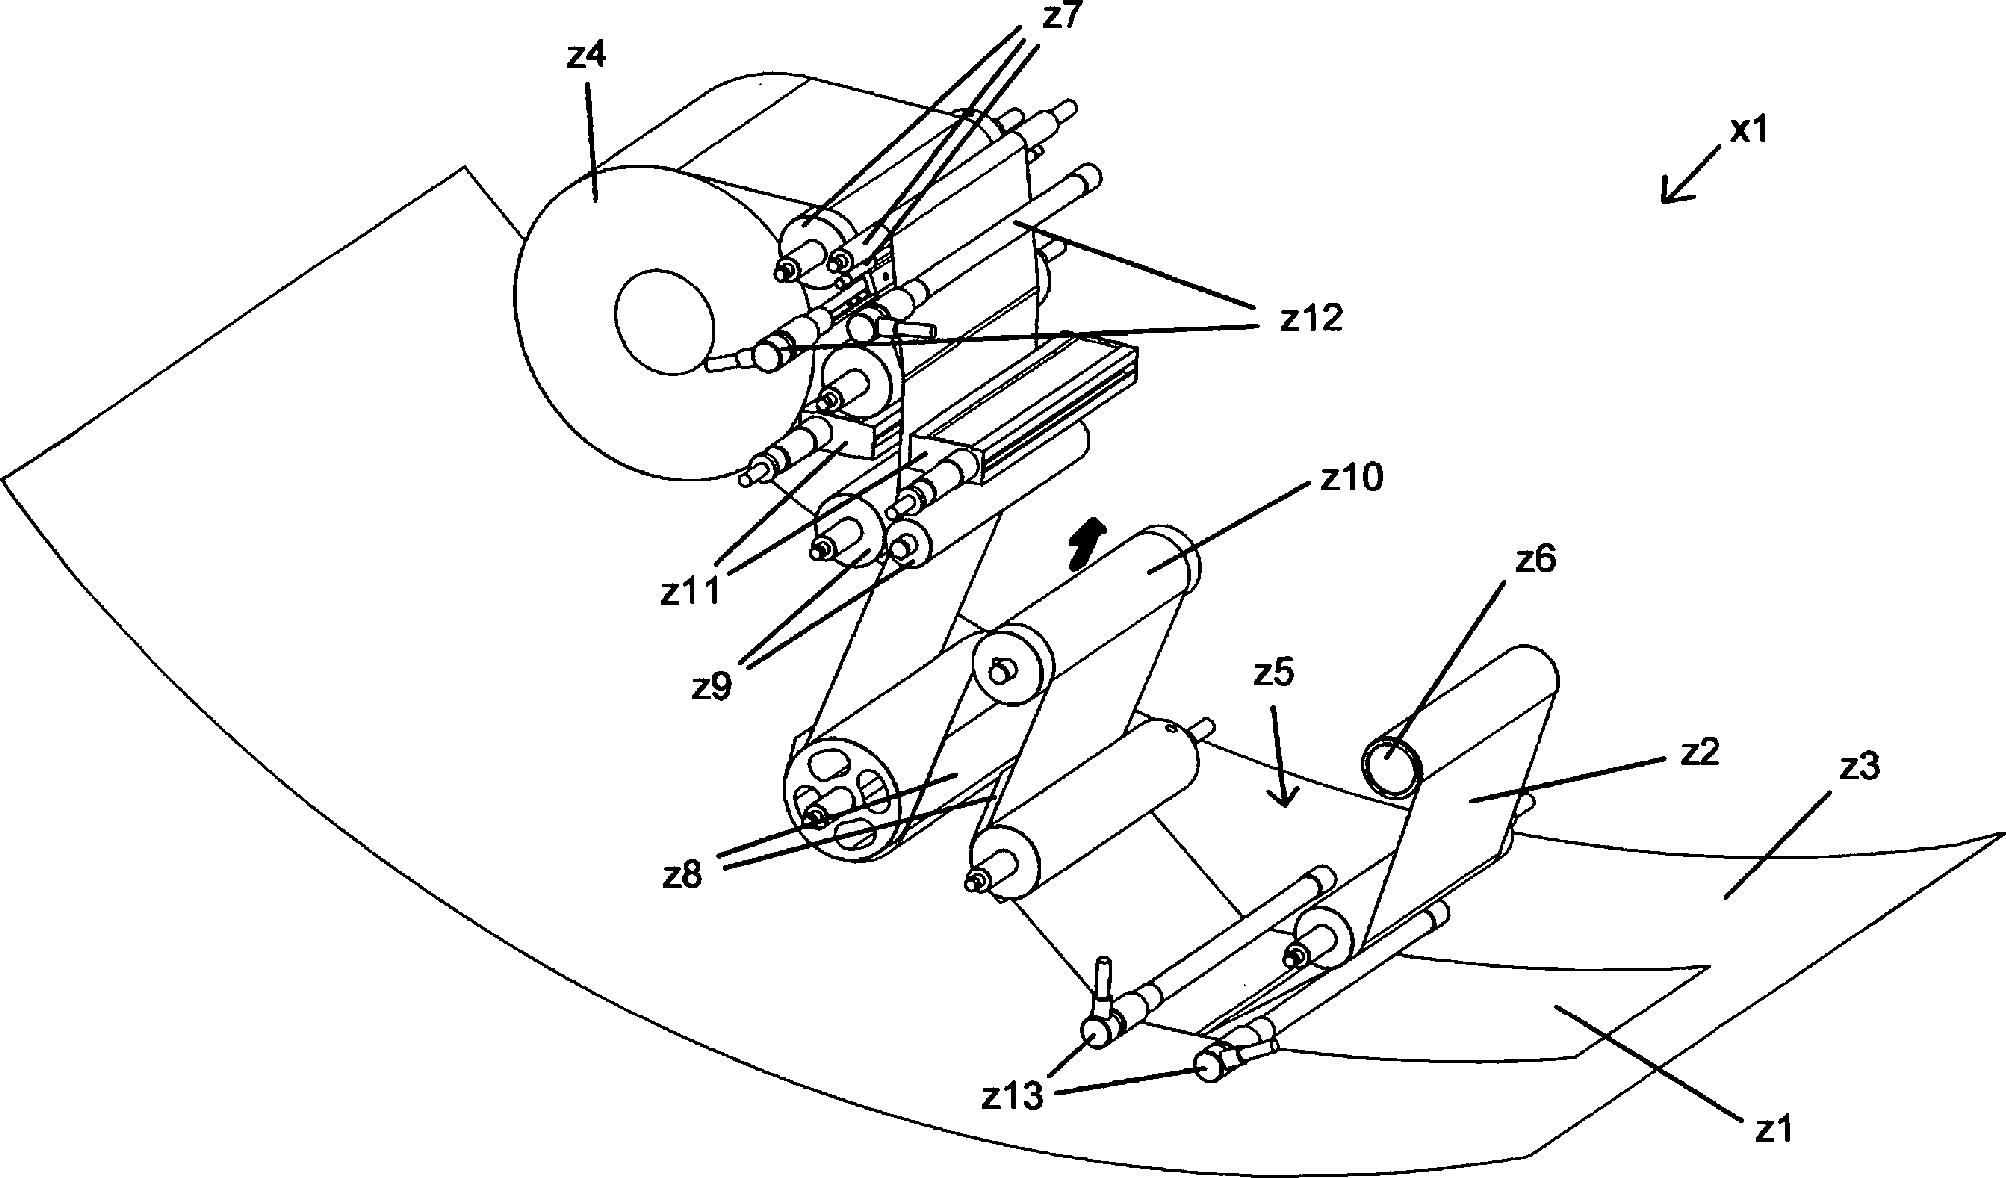 Figure DE102012017595B4_0001